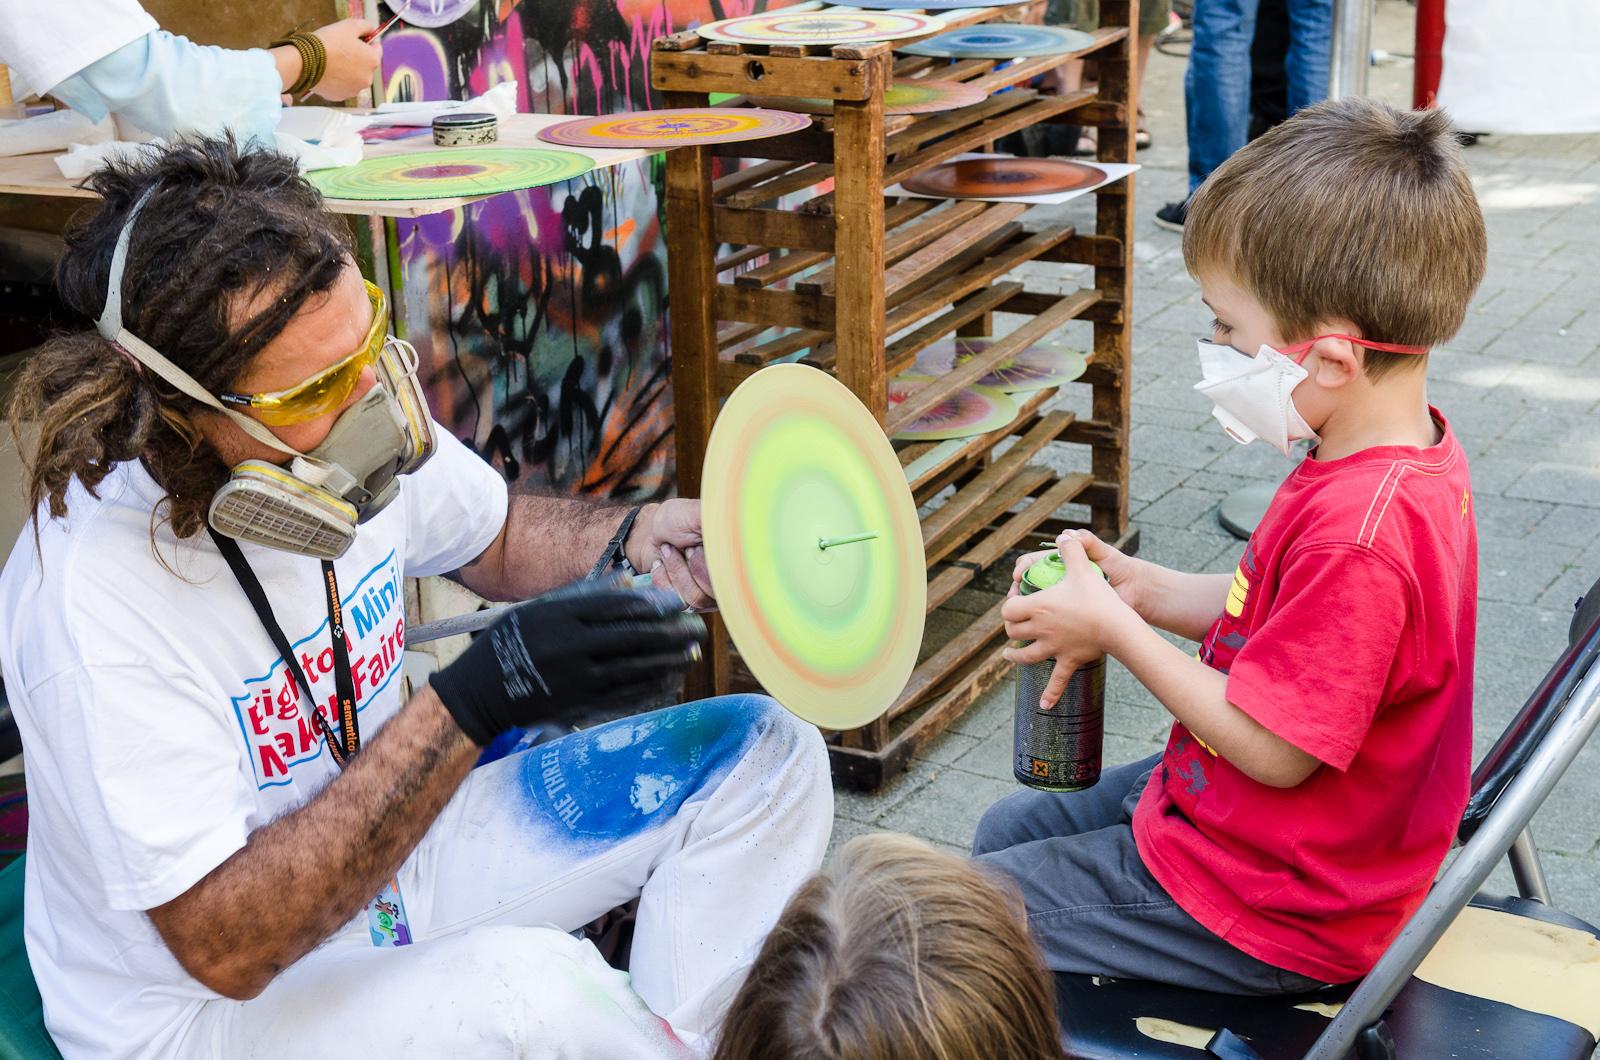 If You Make It, They Will Come! Brighton Mini Maker Faire